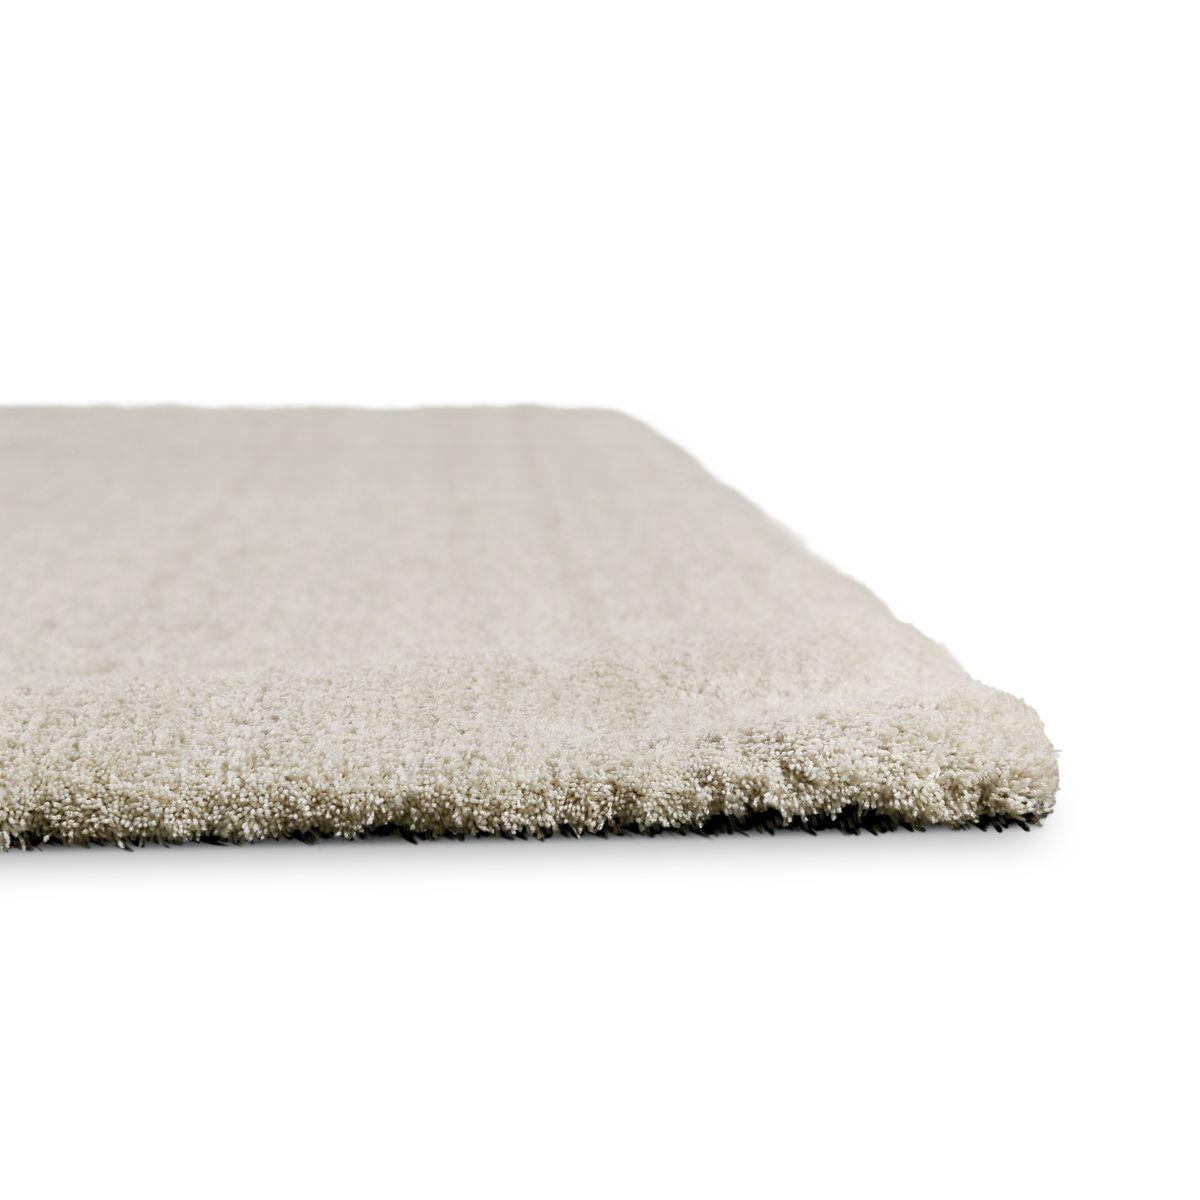 Tapis Sur Chauffage Au Sol tapis sienna | tapis, sienna et chauffage au sol